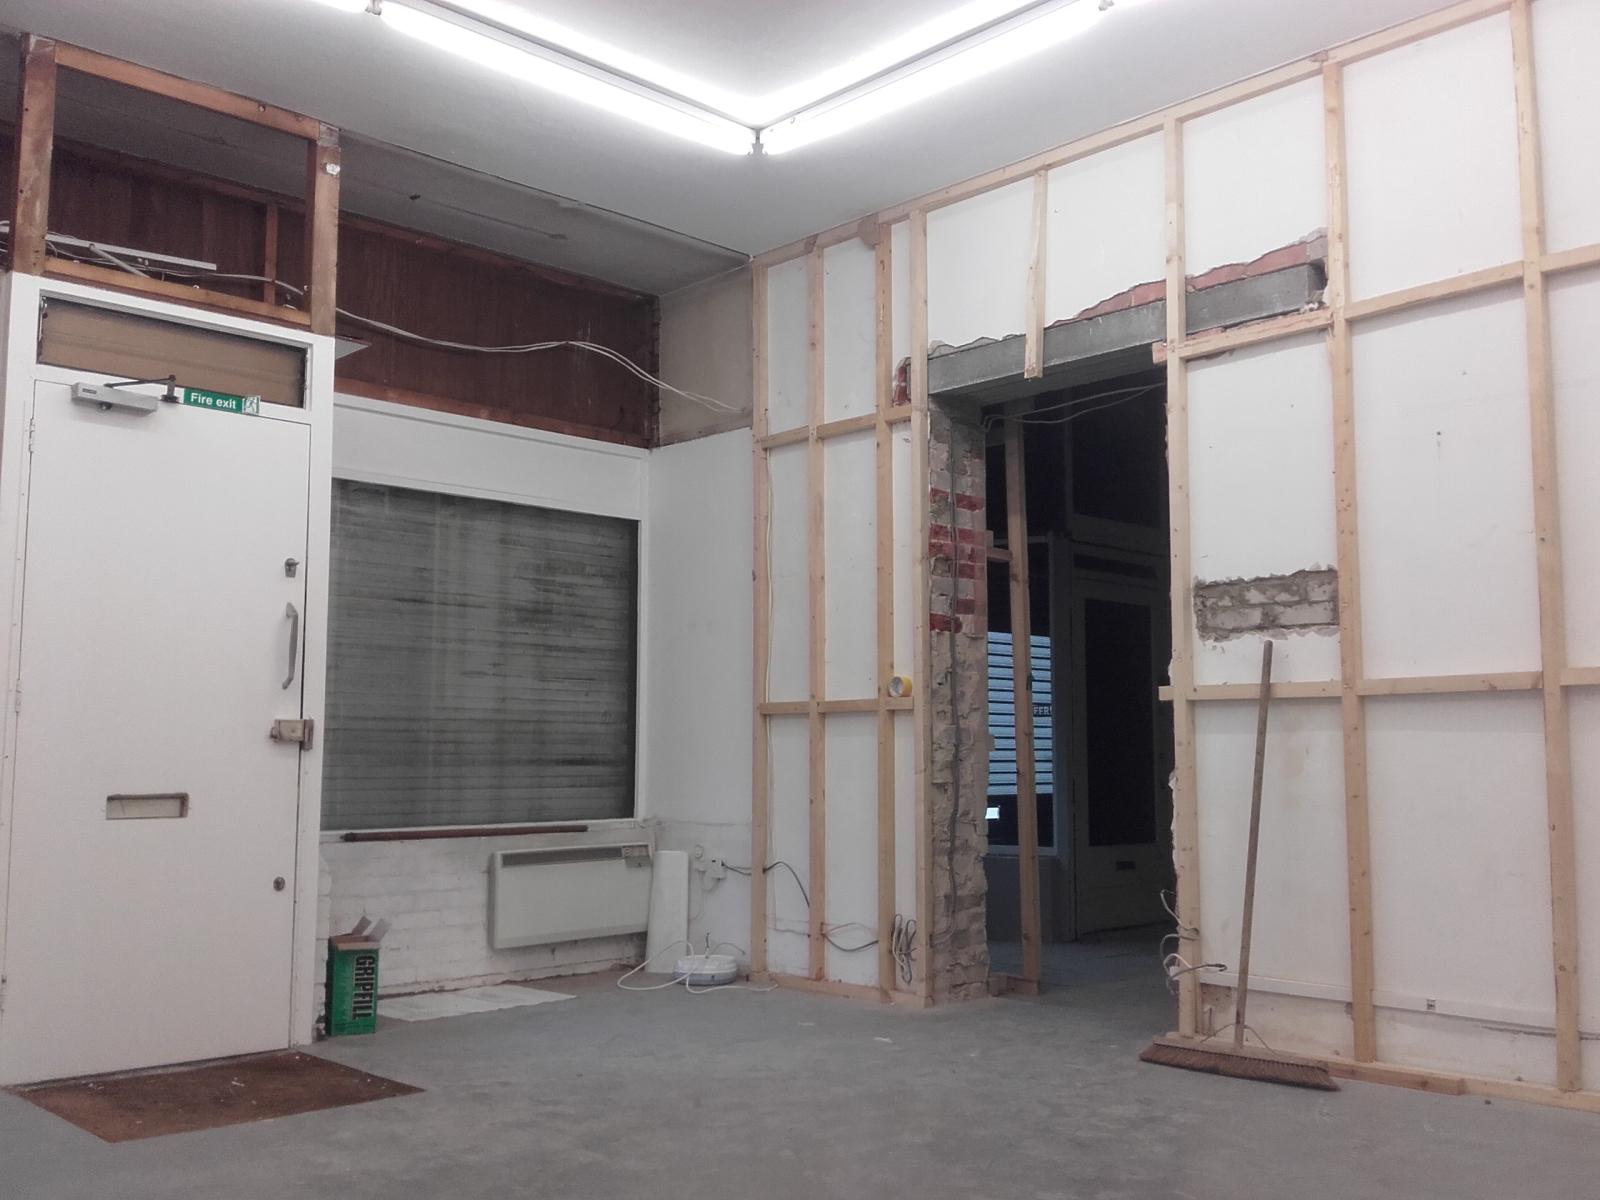 Gallery space stripped.jpg